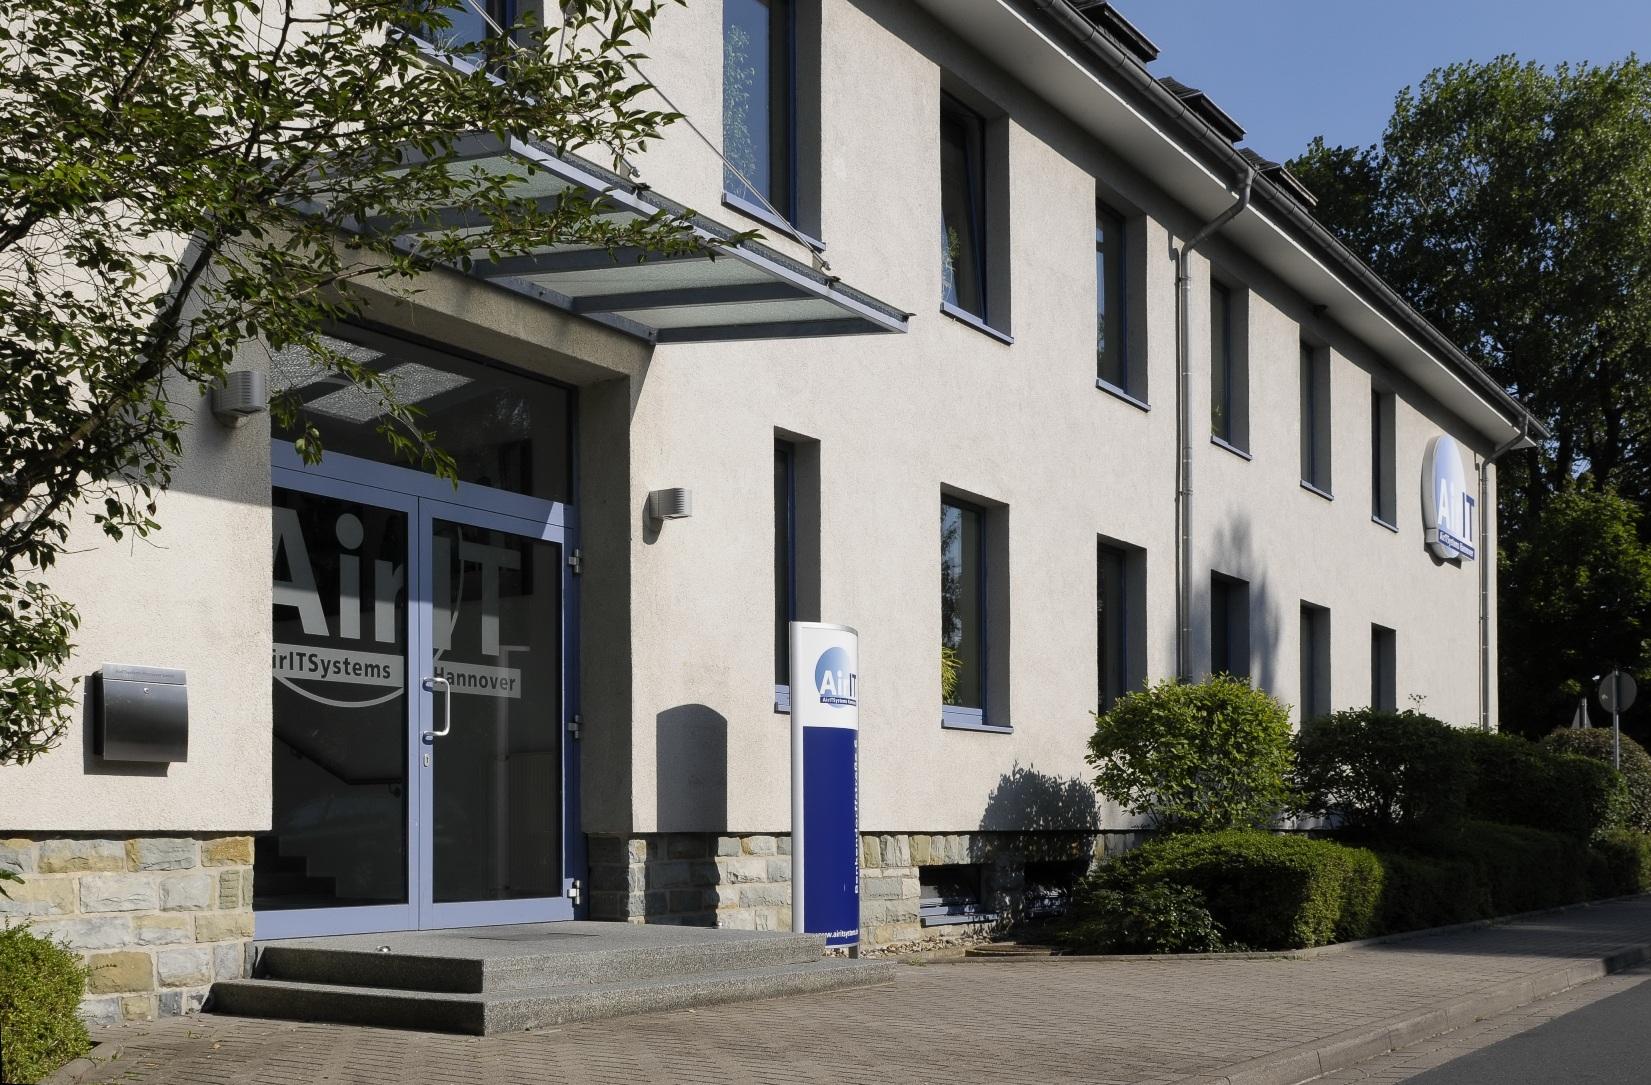 Top Ergebnis 20 Genial Spülbecken Tief Edelstahl Bilder 2018 Hiw6